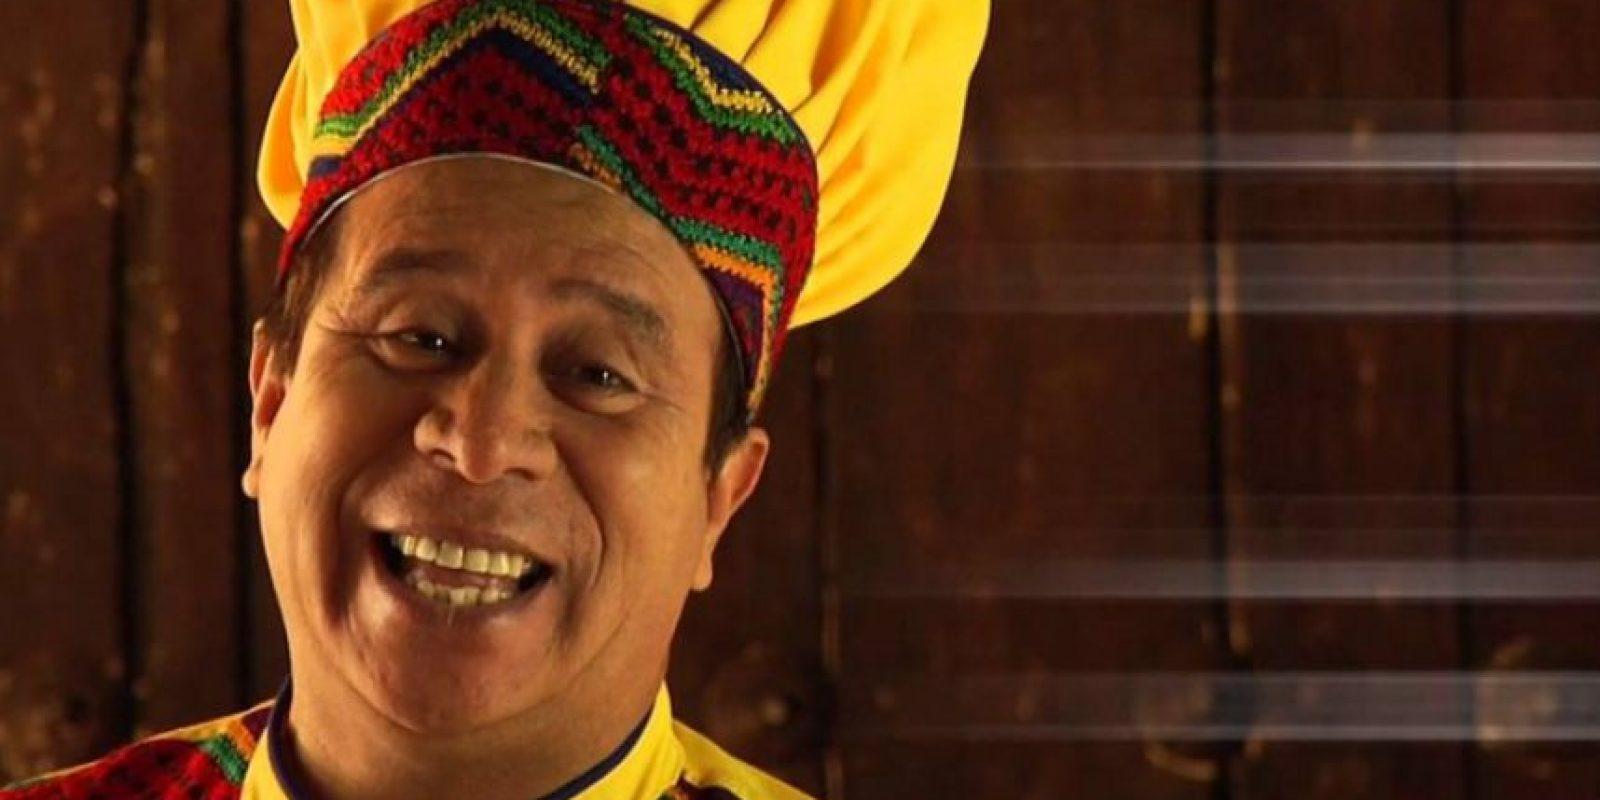 El chef Humberto fue asesinado en 2014. Foto:Publinews